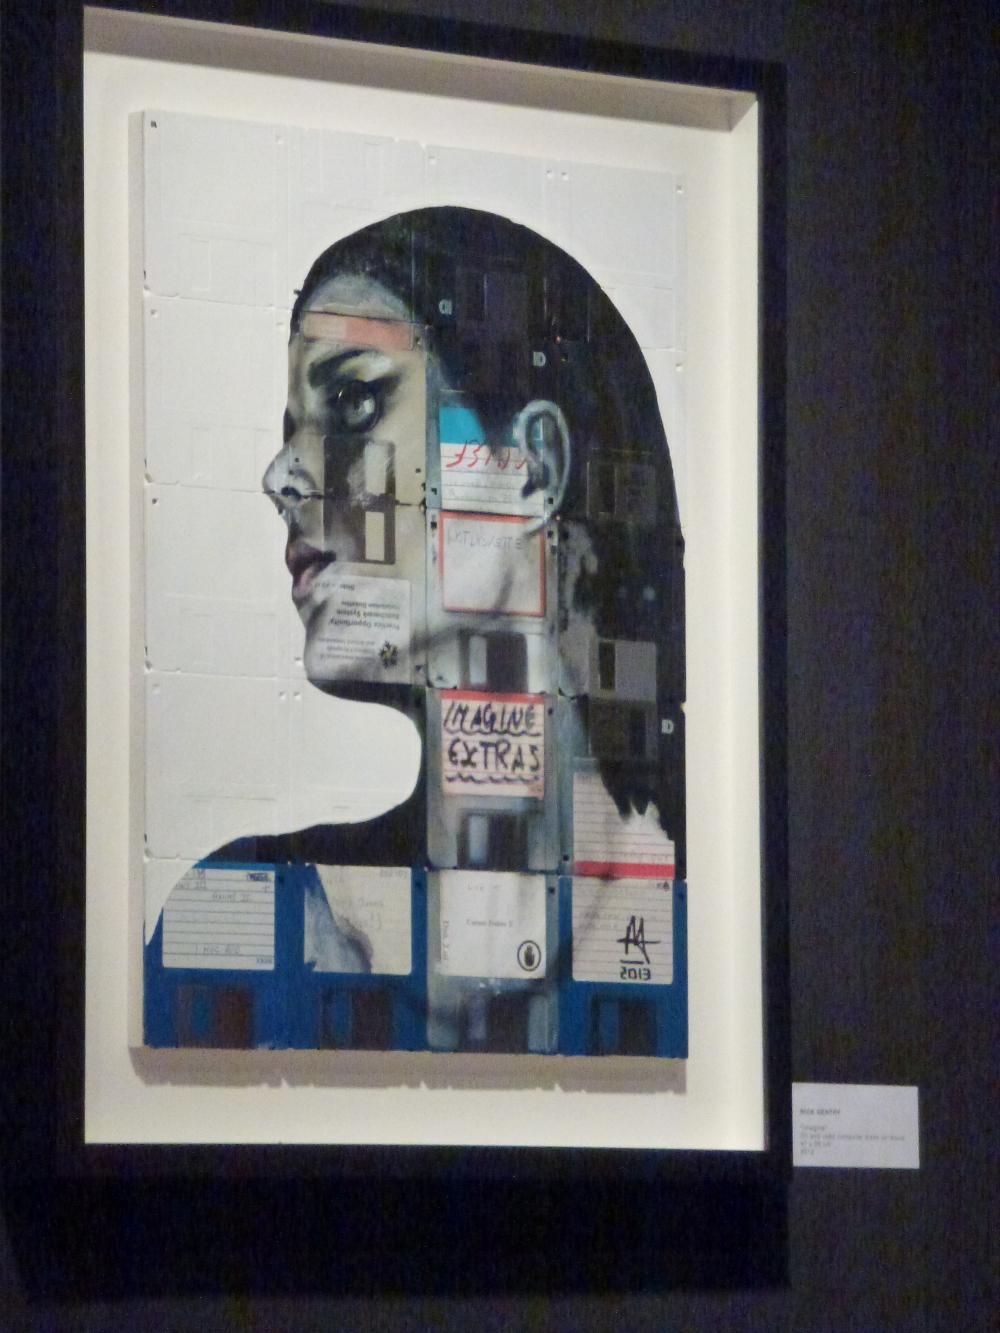 Nick Gentry - Imagine, Öl und gebrauchte Disketten auf Holz - 47 x 36 cm - 2013